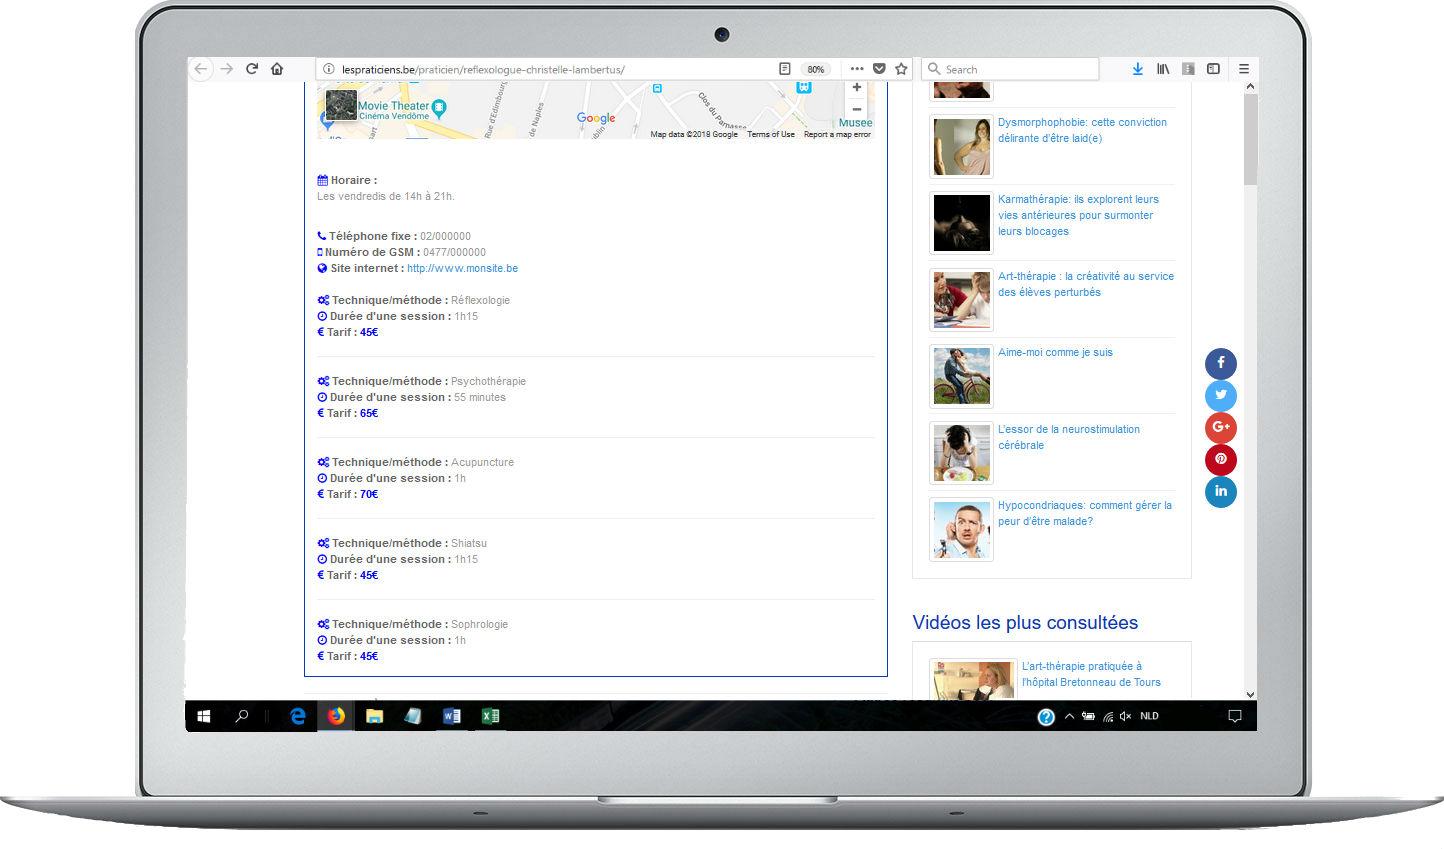 example de page de profil - bas de page